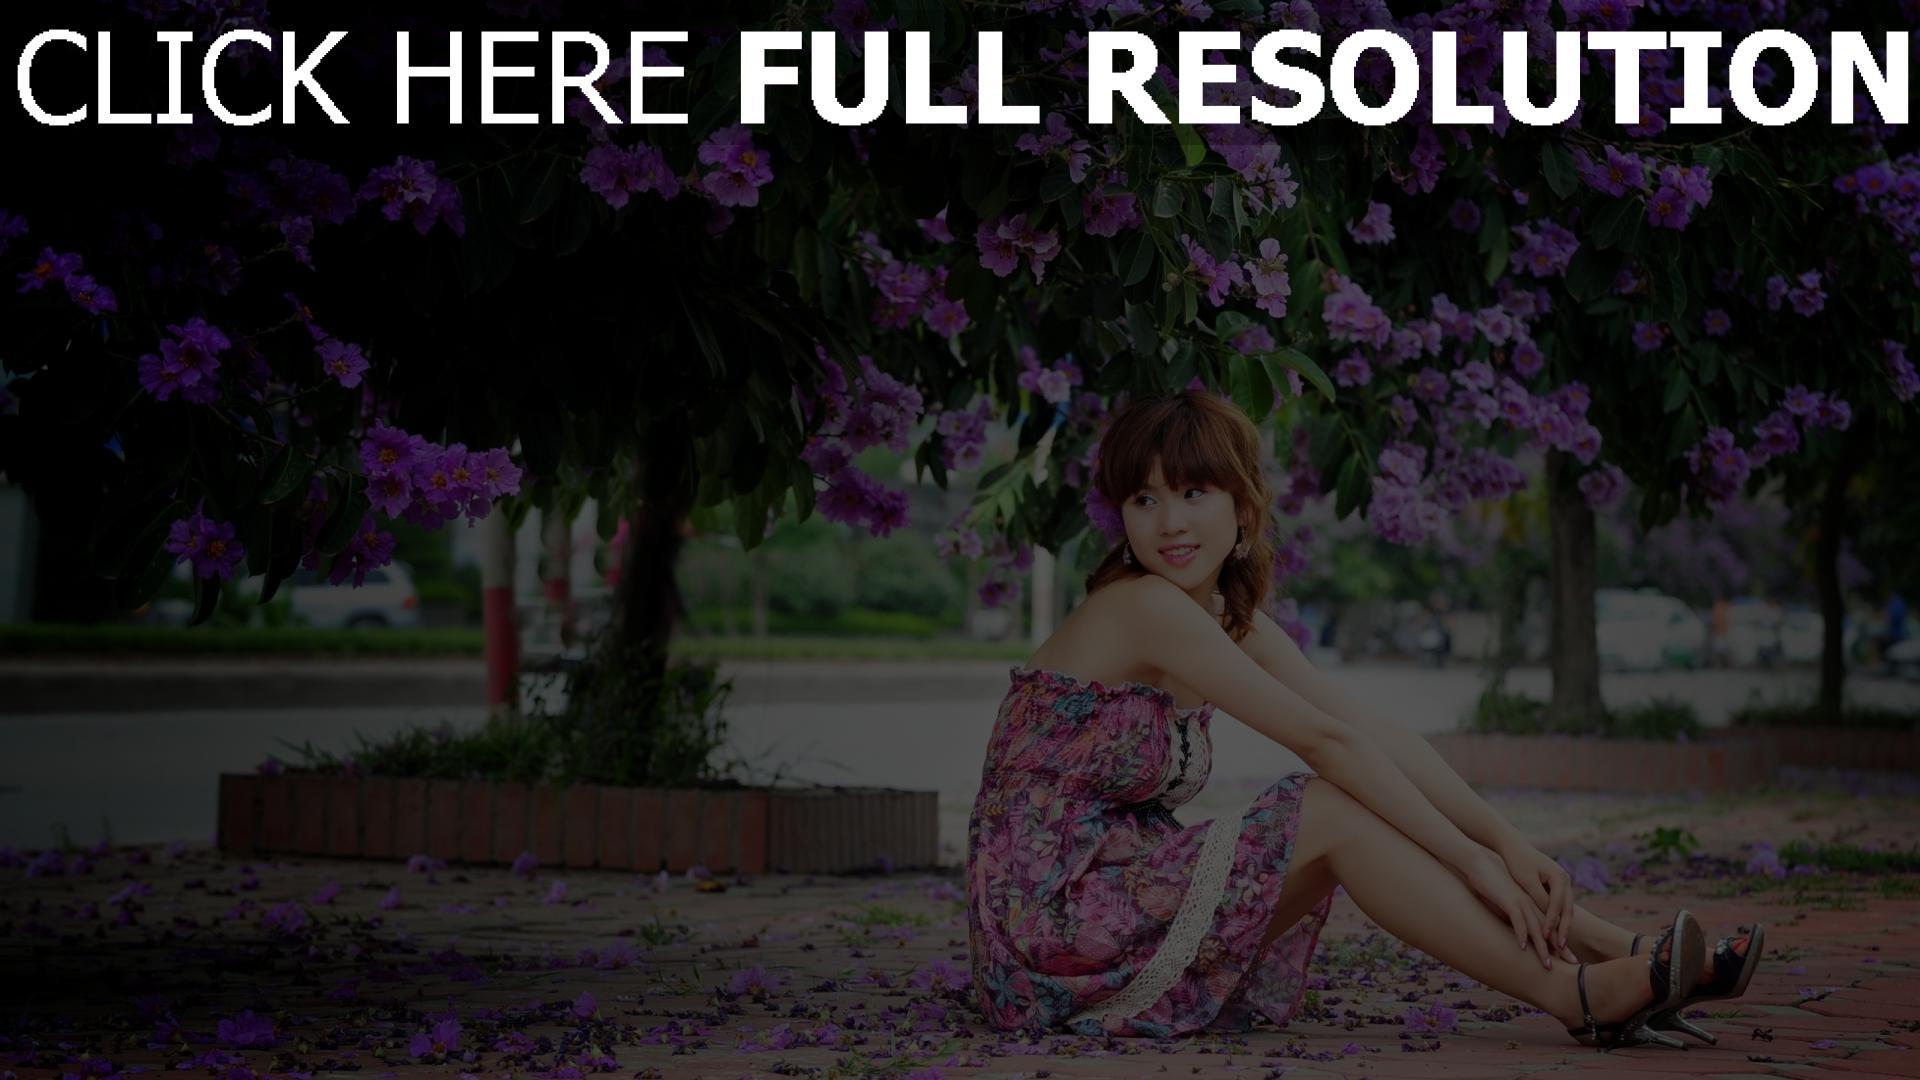 fond d'écran 1920x1080 lilas robe rêveur